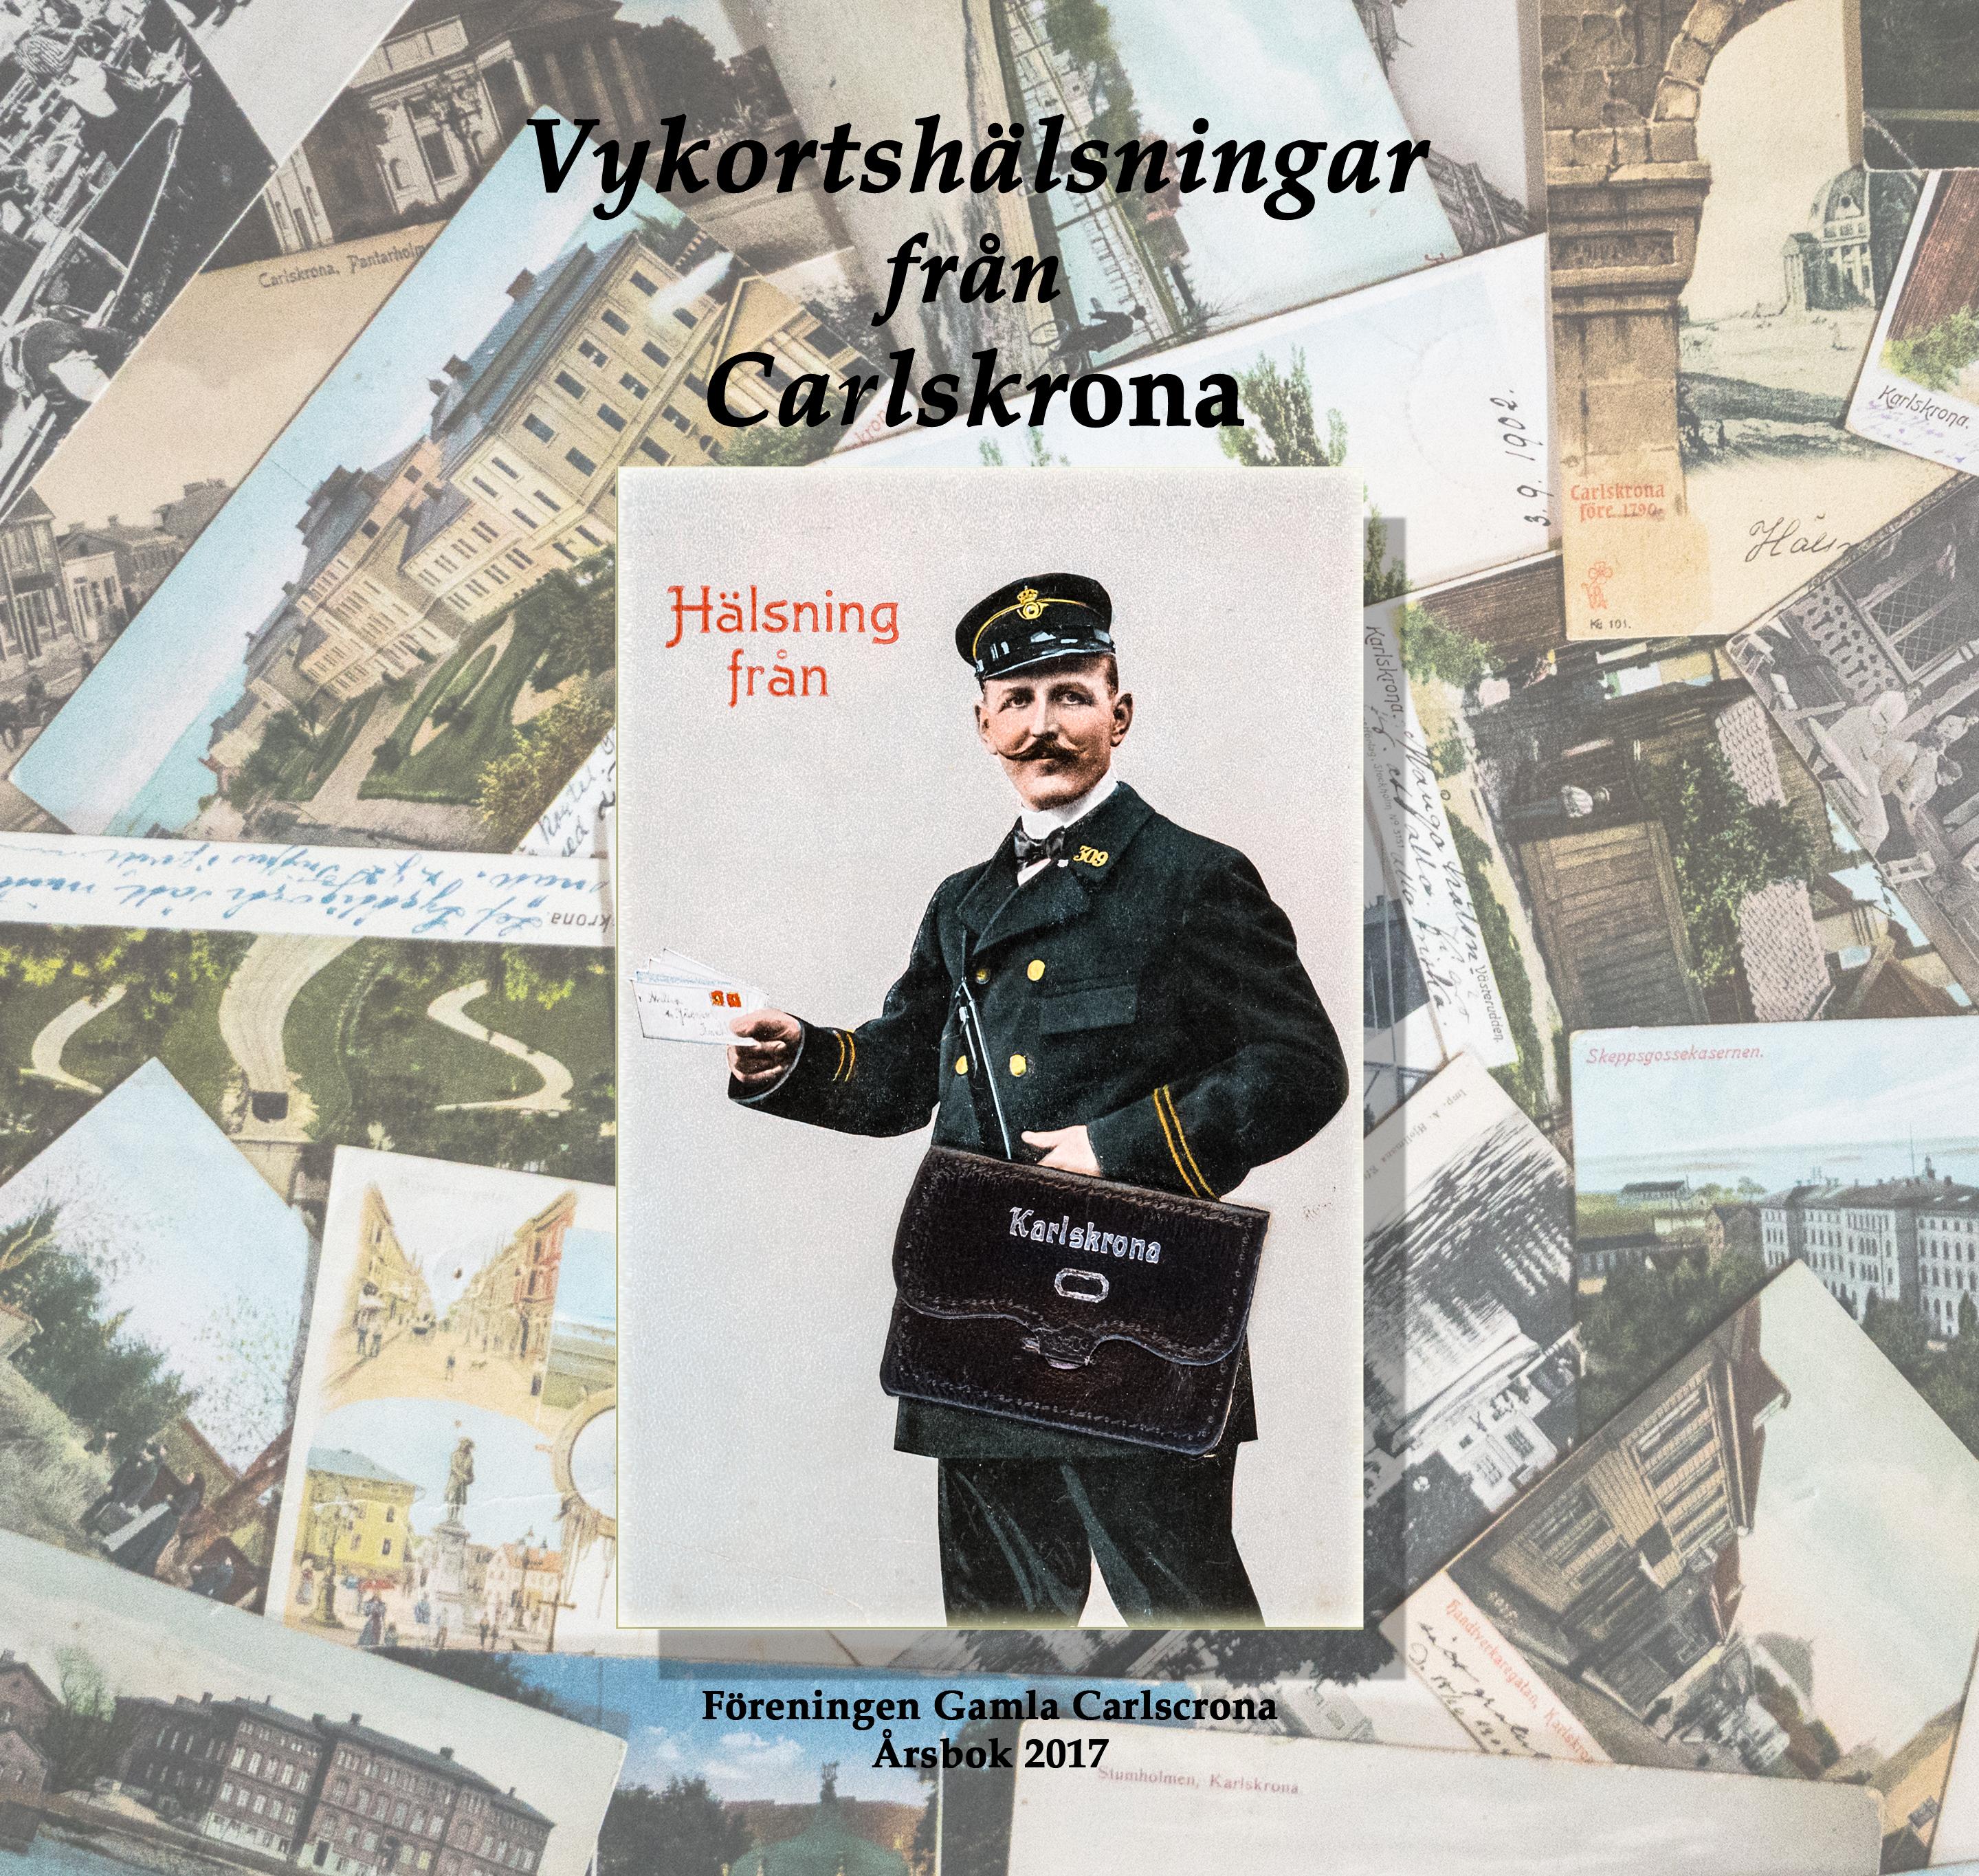 2017 - Vykortshälsningar från Carlskrona